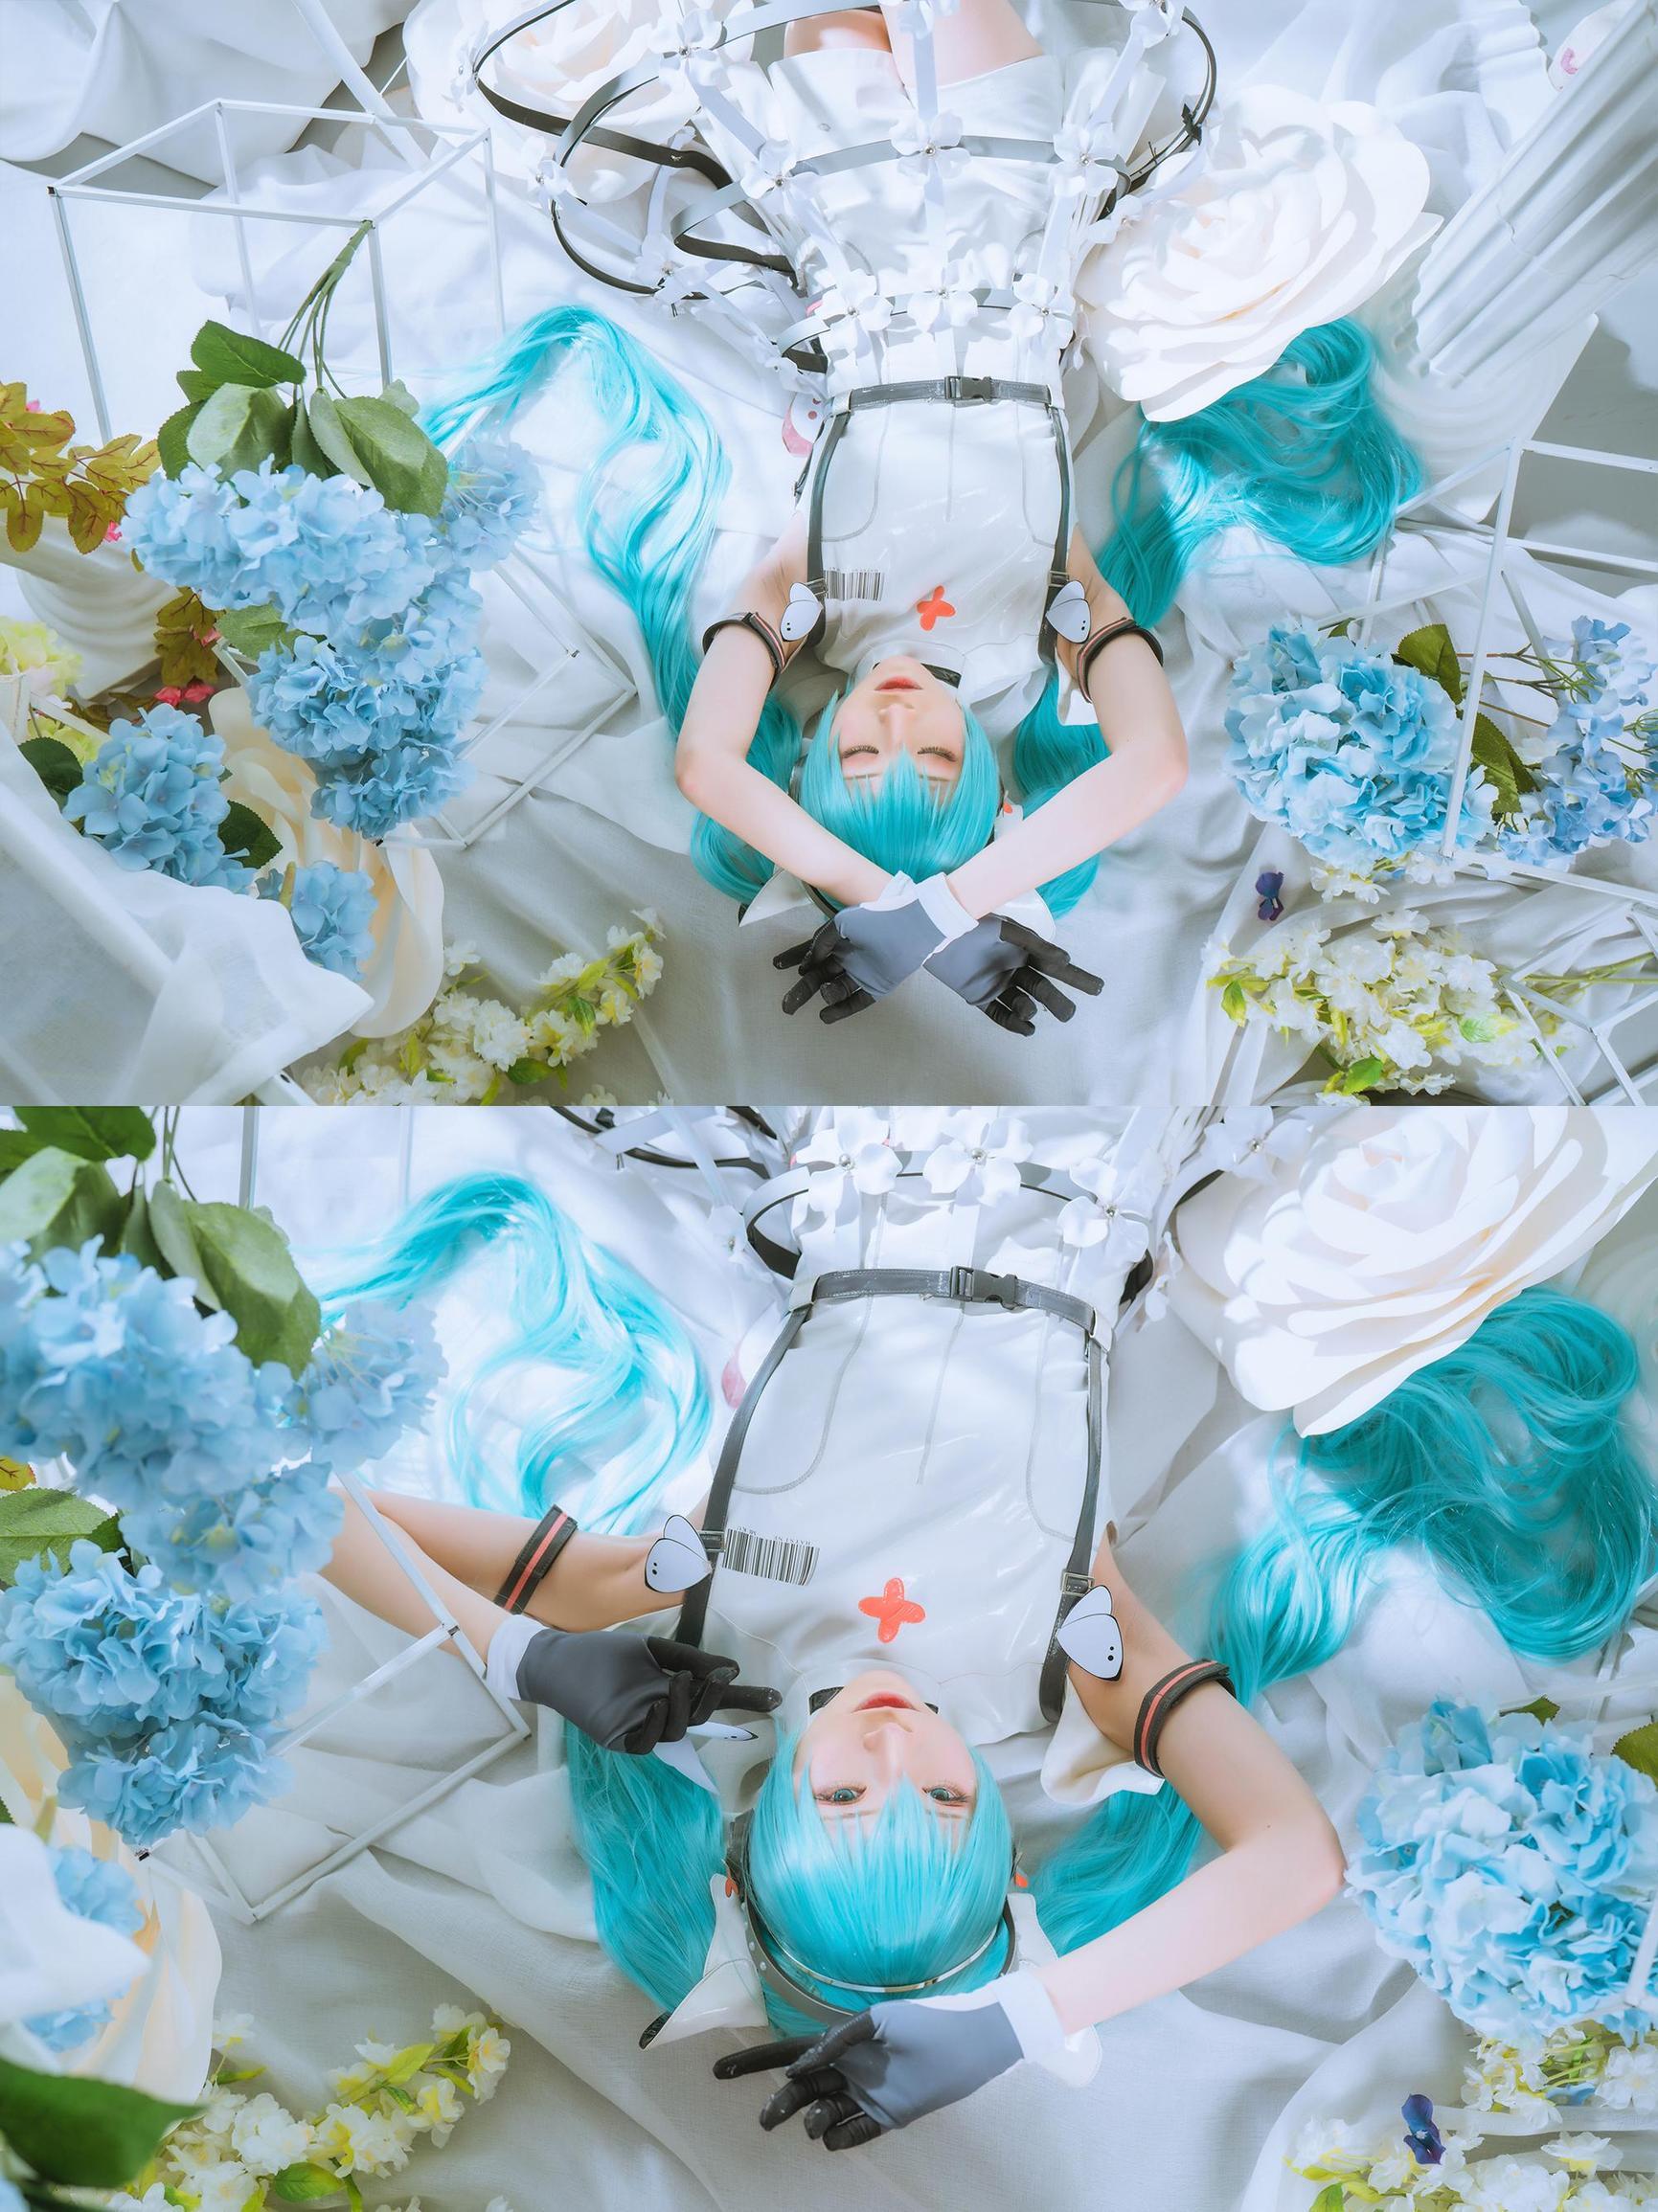 少女cosplay【CN:Kitaro_绮太郎】-第21张